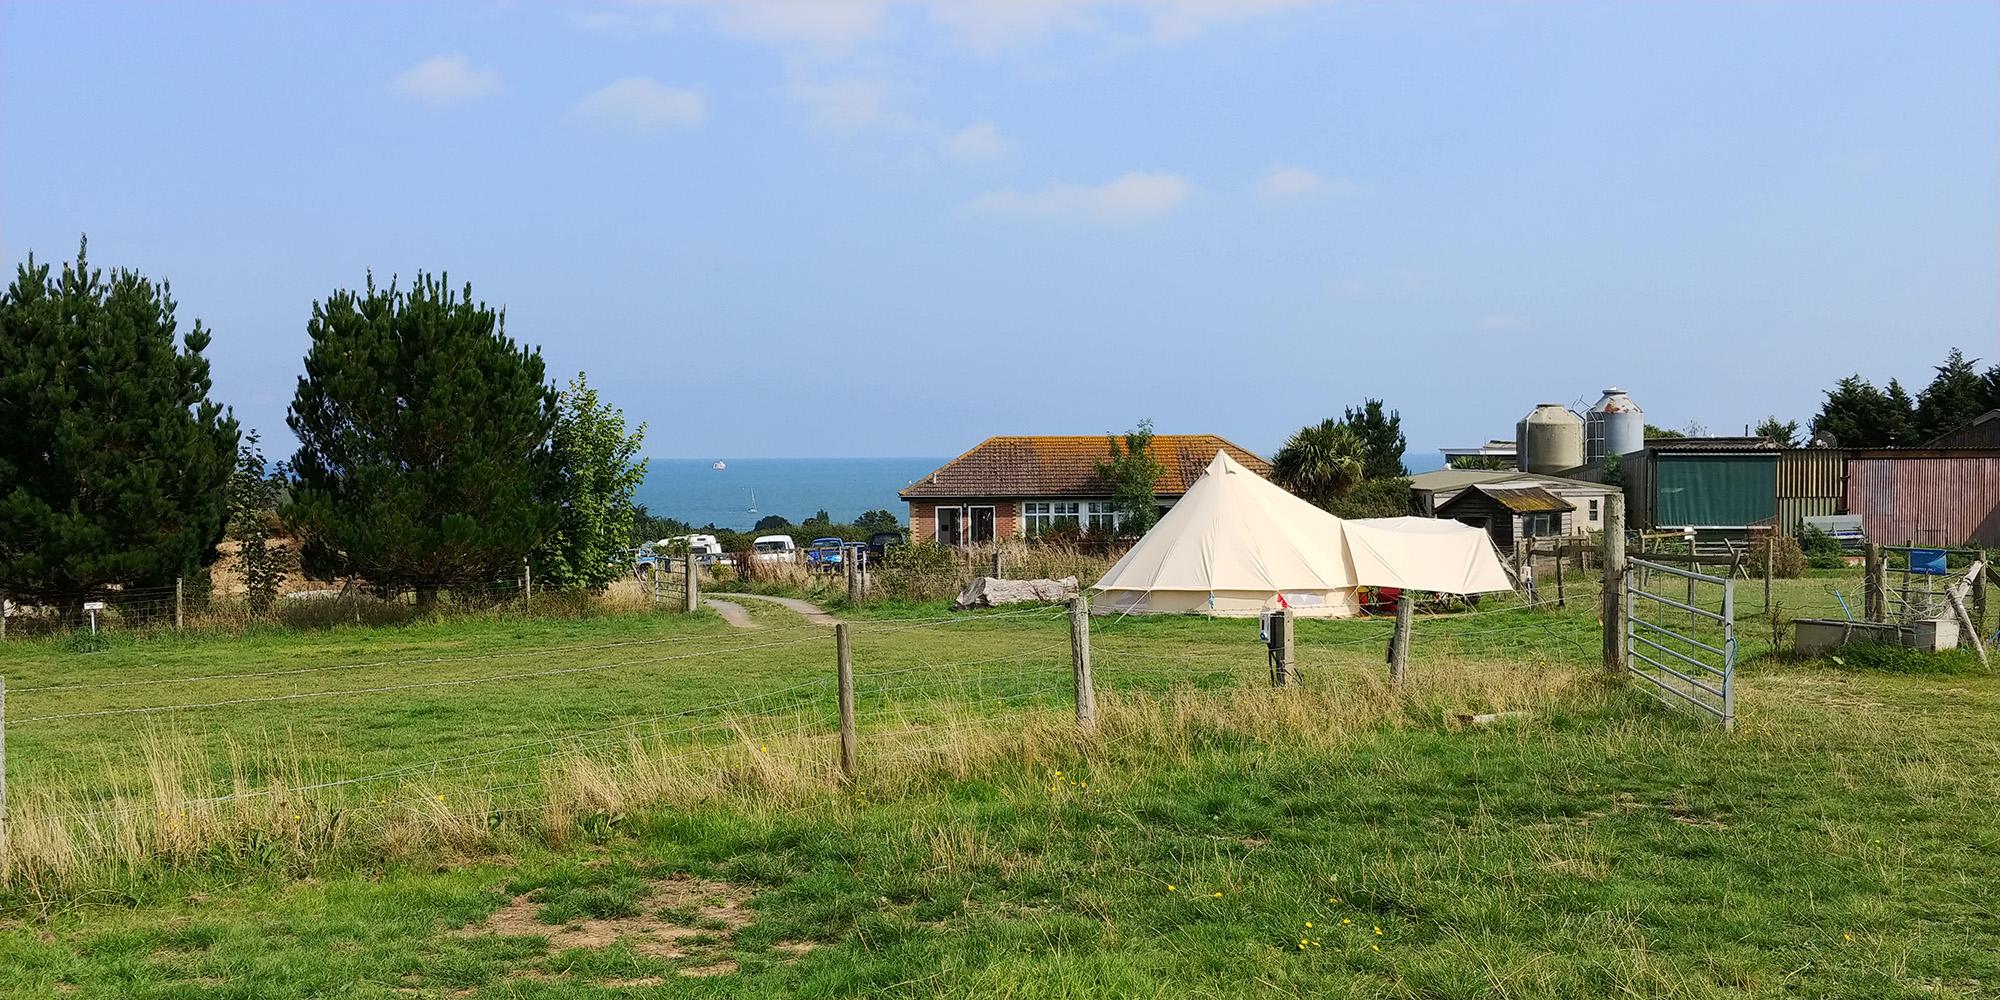 STN-IoW-Fakenham-Farm-Campsite-Sea.jpg